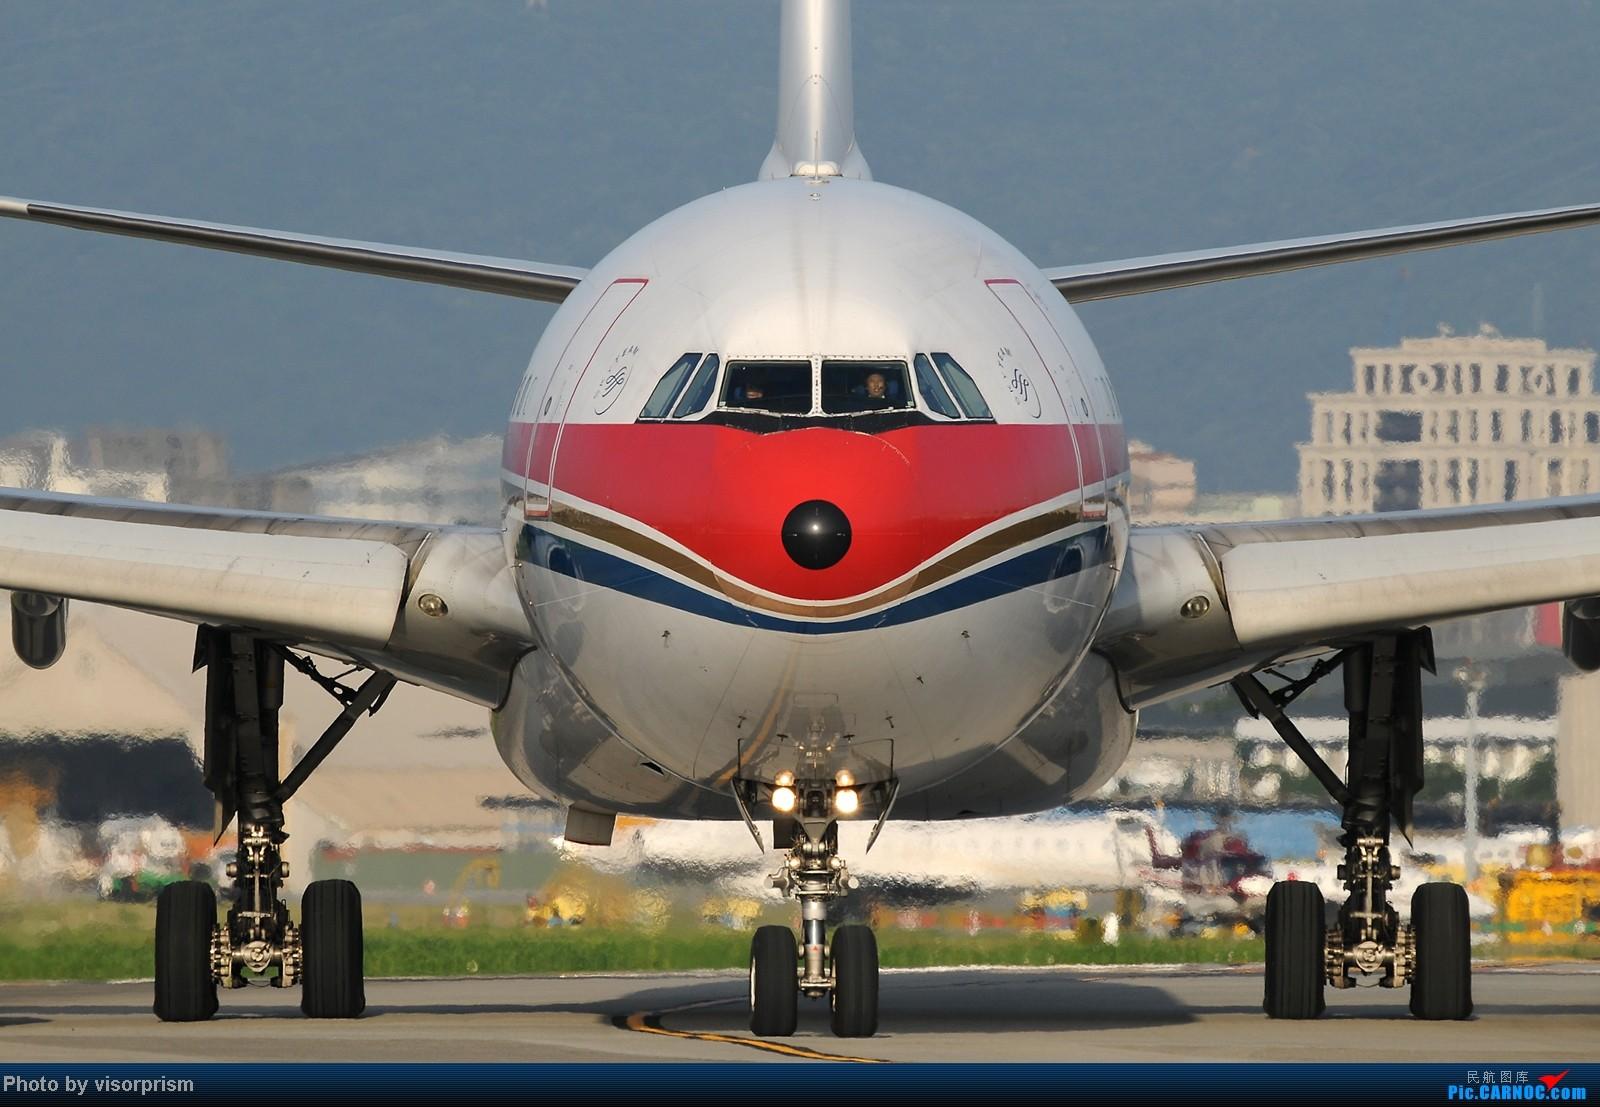 [原创][台北飛友會]SIGMA APO 500mm F4.5 DG HSM 鏡頭測試 AIRBUS A330-300 B-6506 中国台北松山机场